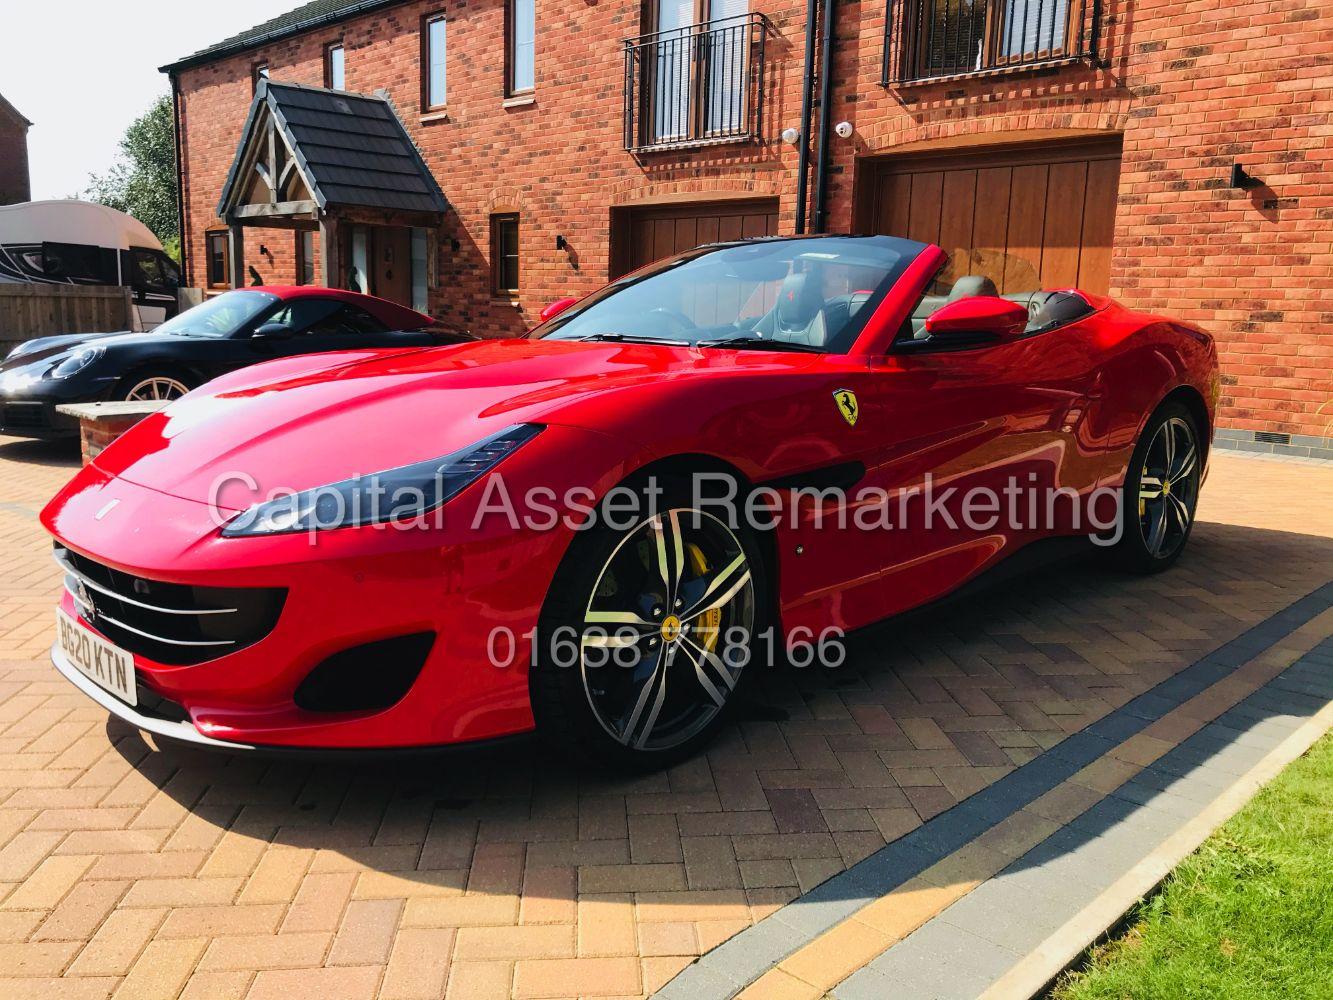 2020 Ferrari Portofino 3.9T *V8 Convertible* - 2020 Porsche 911 Carrera S-A *Cabriolet* (NEW 992 Model)  + Many More: Cars, Commercials & 4x4's